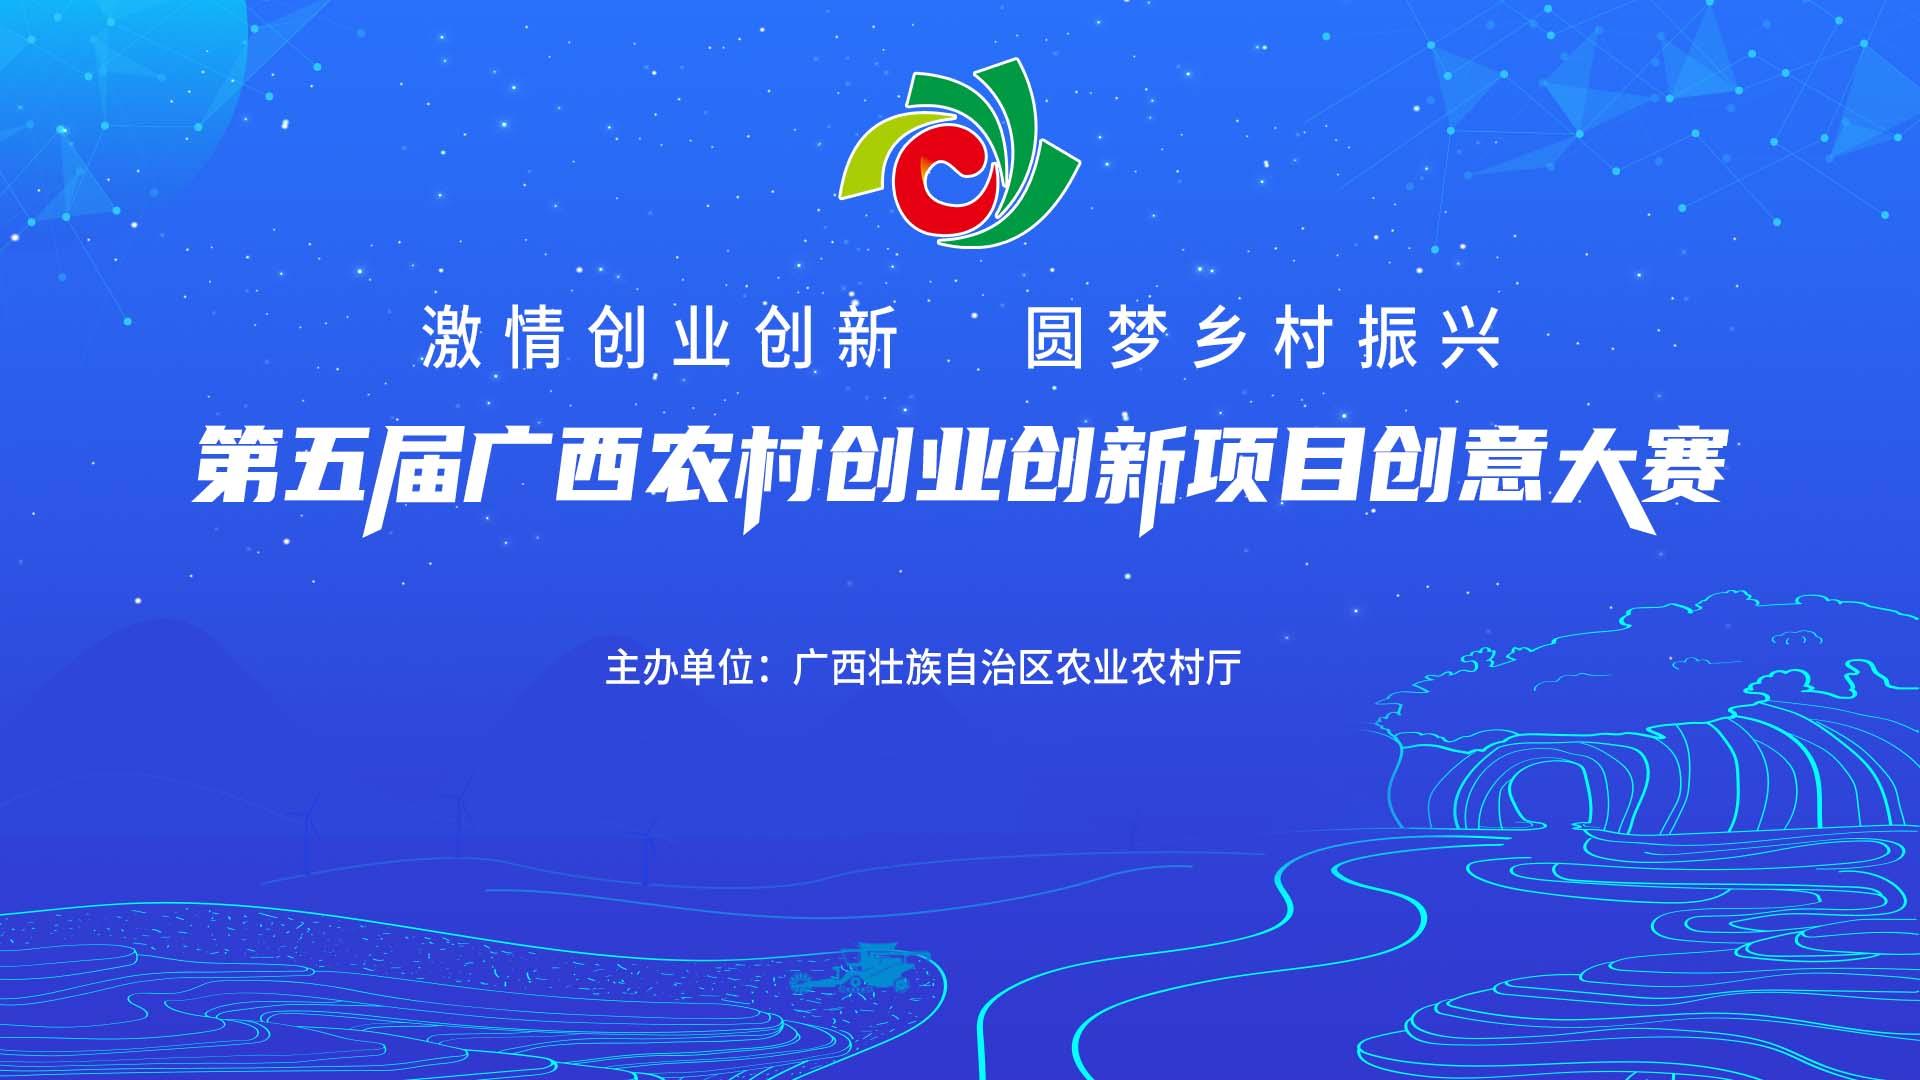 第五屆廣西農村創業創新項目創意大賽即將截止報名